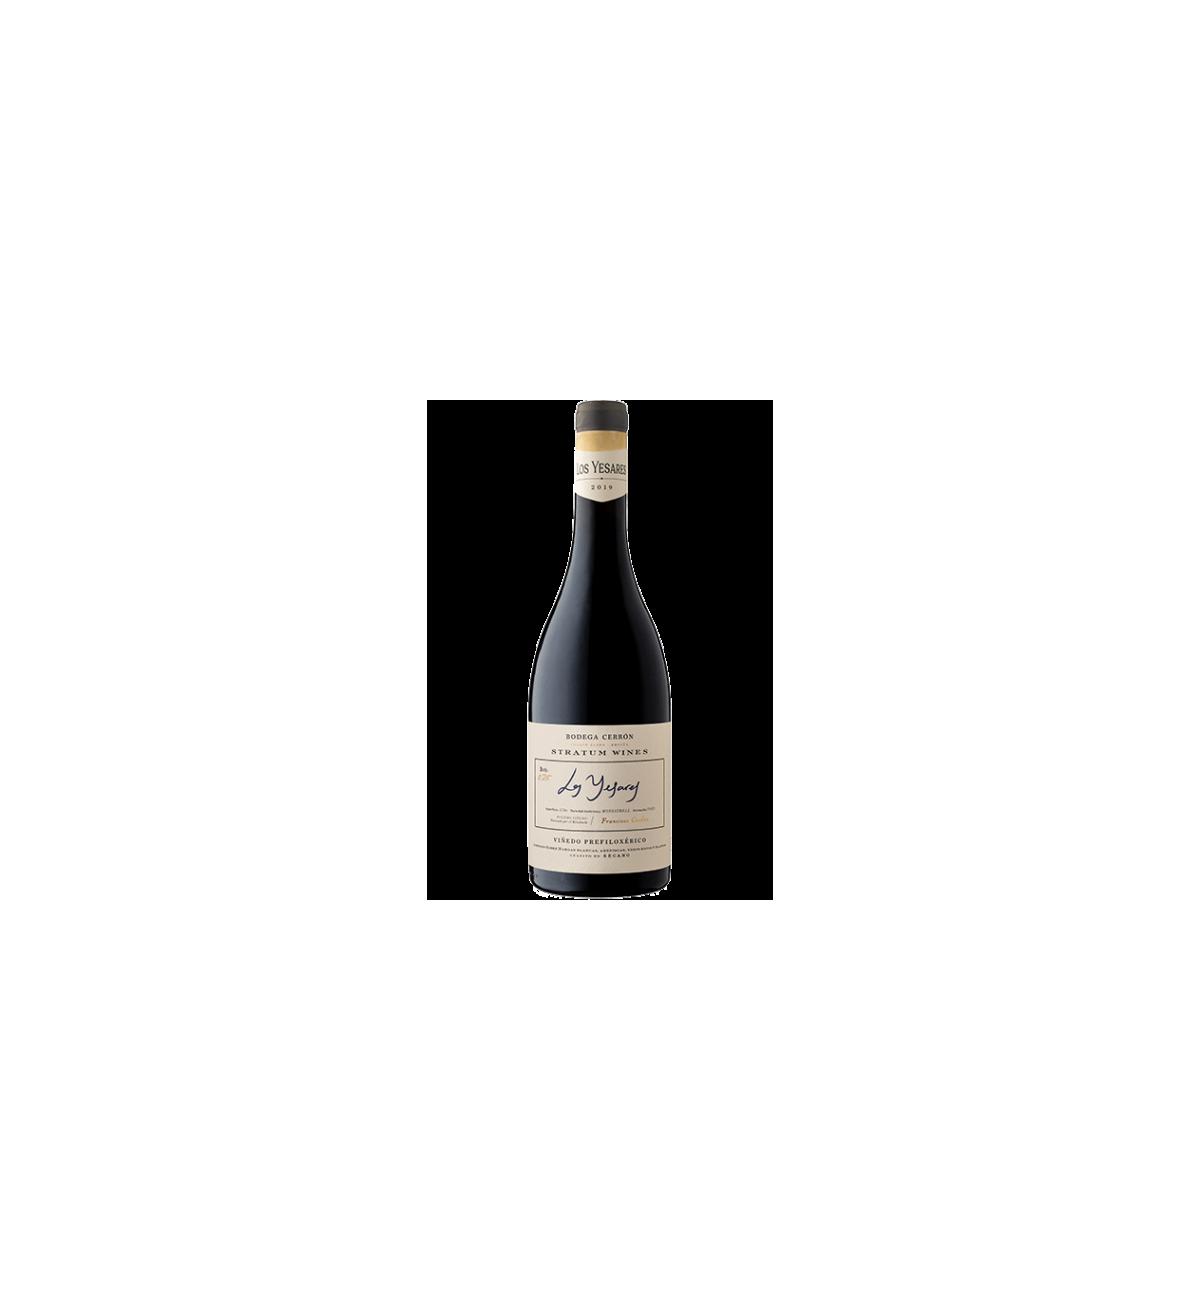 Los Yesares 2019 - Bodega Cerrón - Stratum Wines, Monastrell, Fuente Álamo, DOP Jumilla